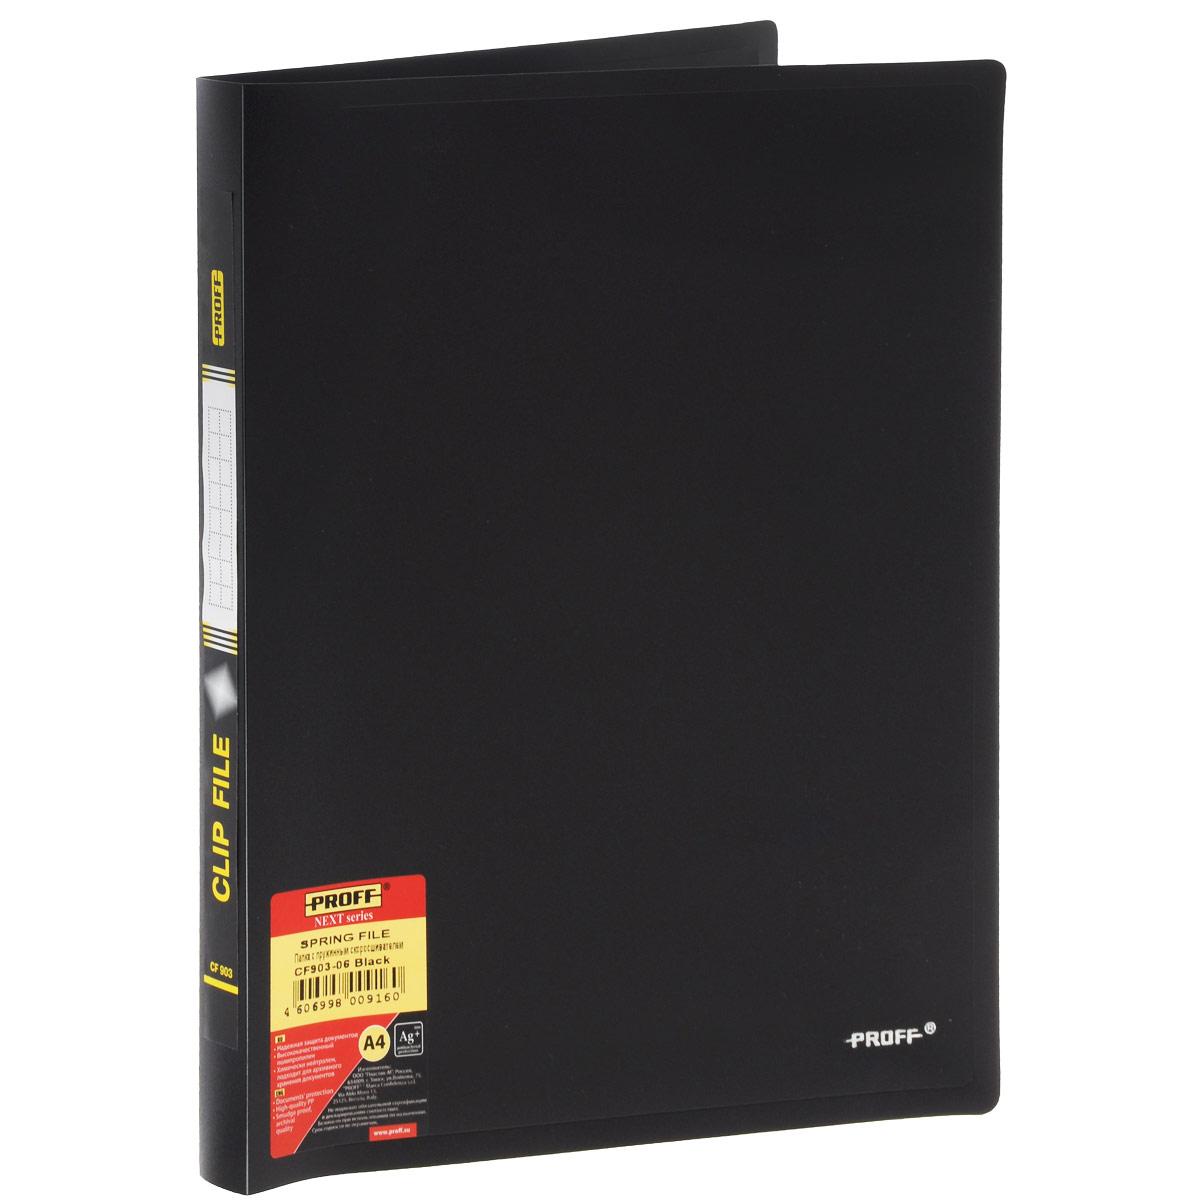 Папка-скоросшиватель Proff Next, цвет: черный. Формат А4. CF903-0613089Папка-скоросшиватель Proff Next - это удобный и практичный офисный инструмент,предназначенный для хранения и транспортировки рабочих бумаг и документовформата А4. Папка изготовлена из высококачественного плотного полипропилена и оснащена металлическим пружинным скоросшивателем. Папка-скоросшиватель - это незаменимый атрибут для студента, школьника,офисного работника. Такая папка надежно сохранит ваши документы и сбережетих от повреждений, пыли и влаги.